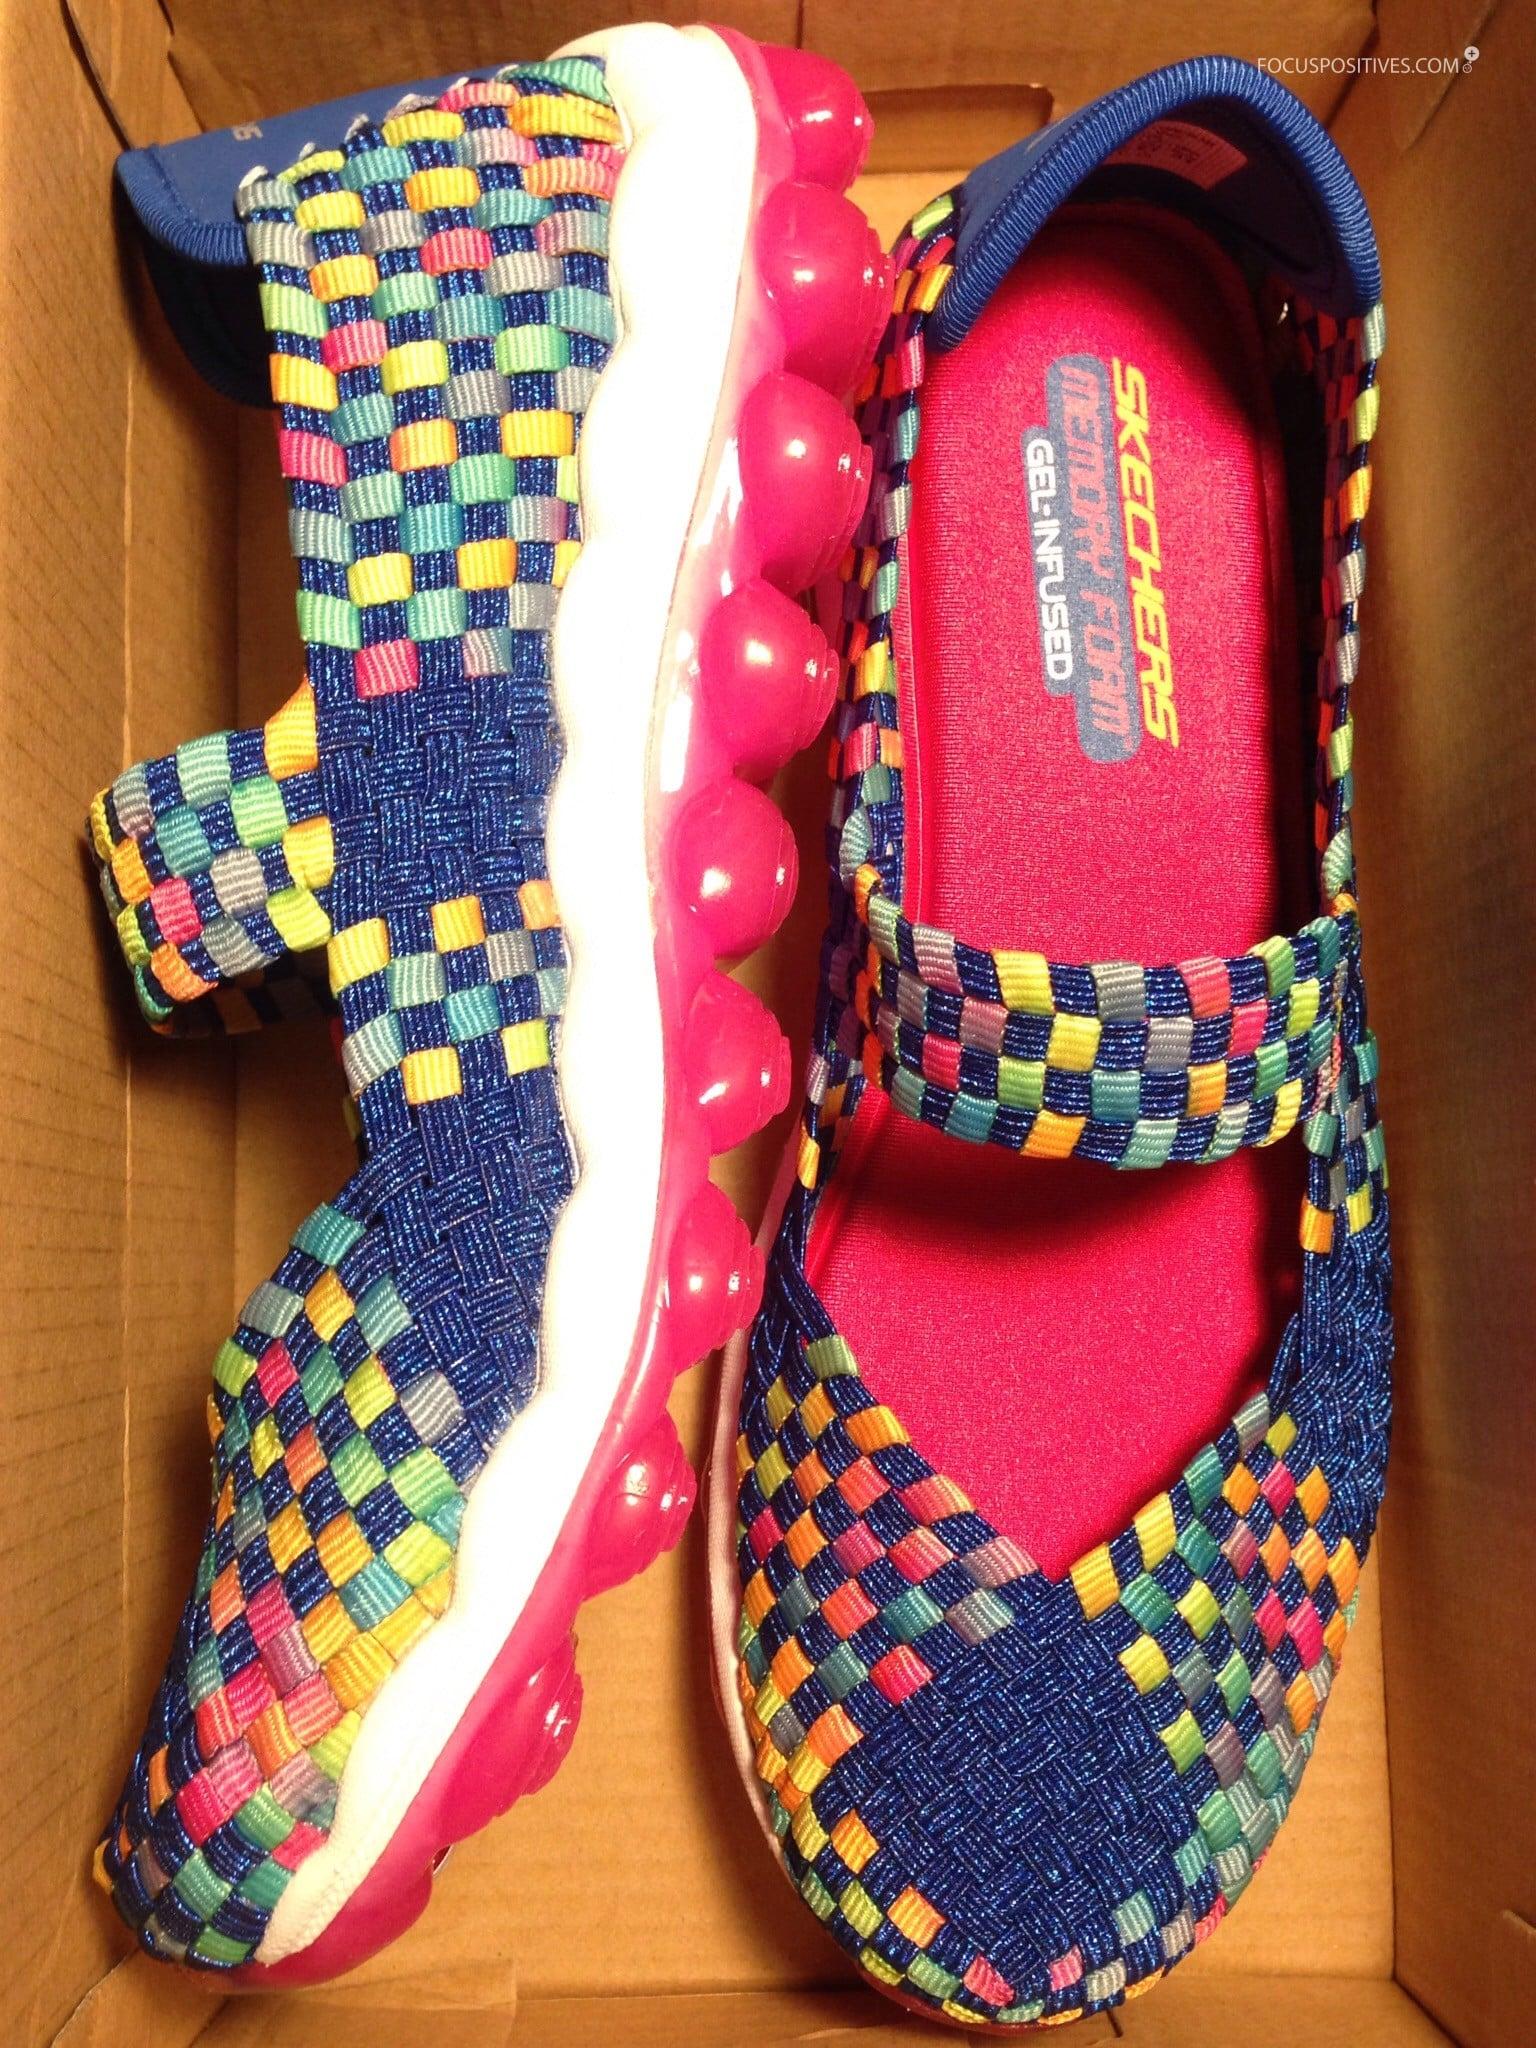 e51e7ff6a4f Review  Skechers Girl s Glitzy Fitz Blue Multicolor Mary Jane Shoe ...